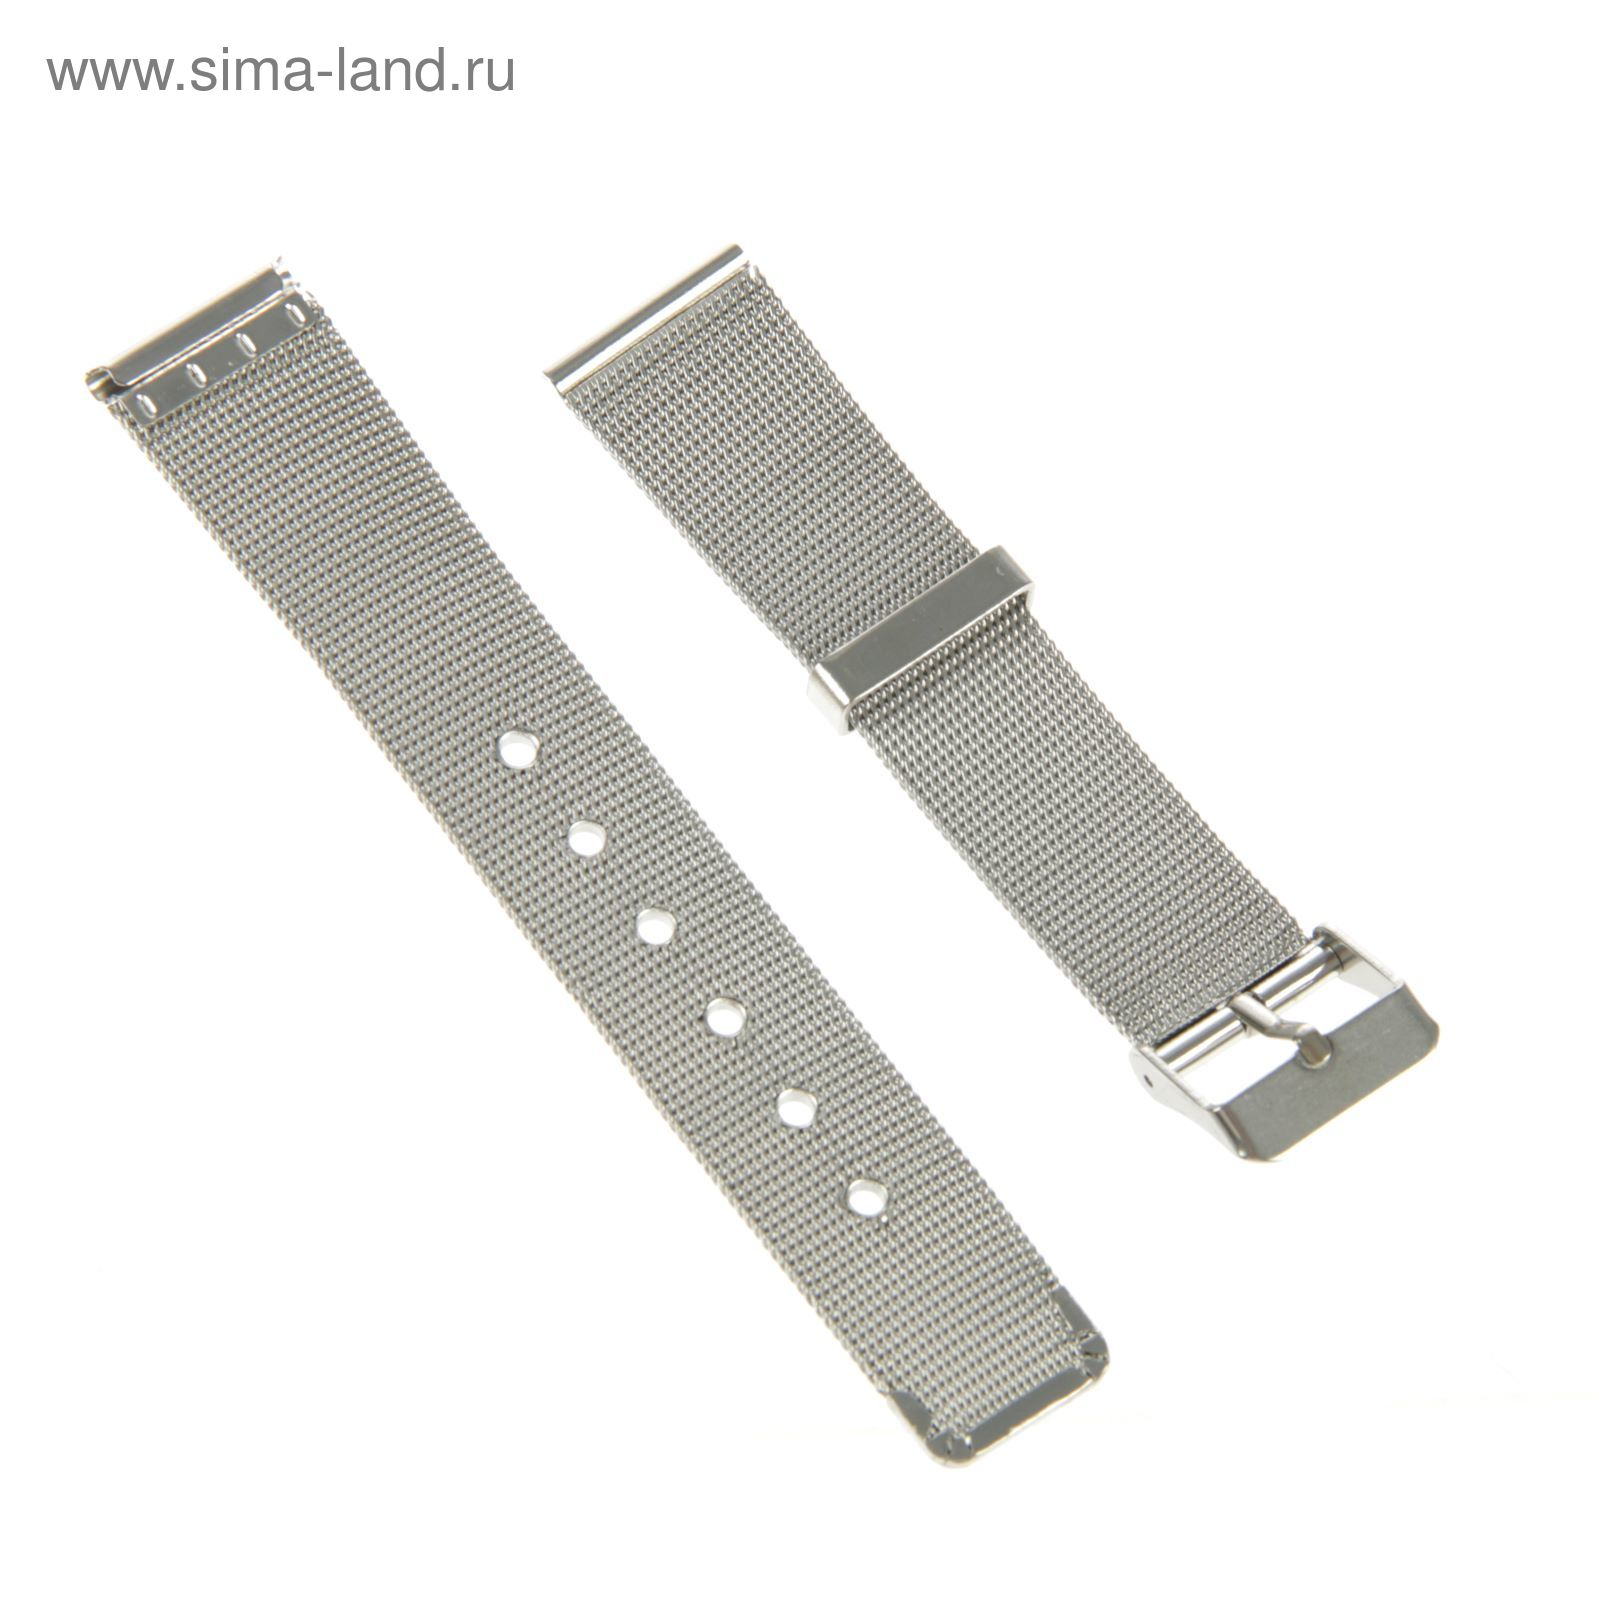 c555a2ed Ремешок для часов 18 мм, металлический, 20 см (2319268) - Купить по ...